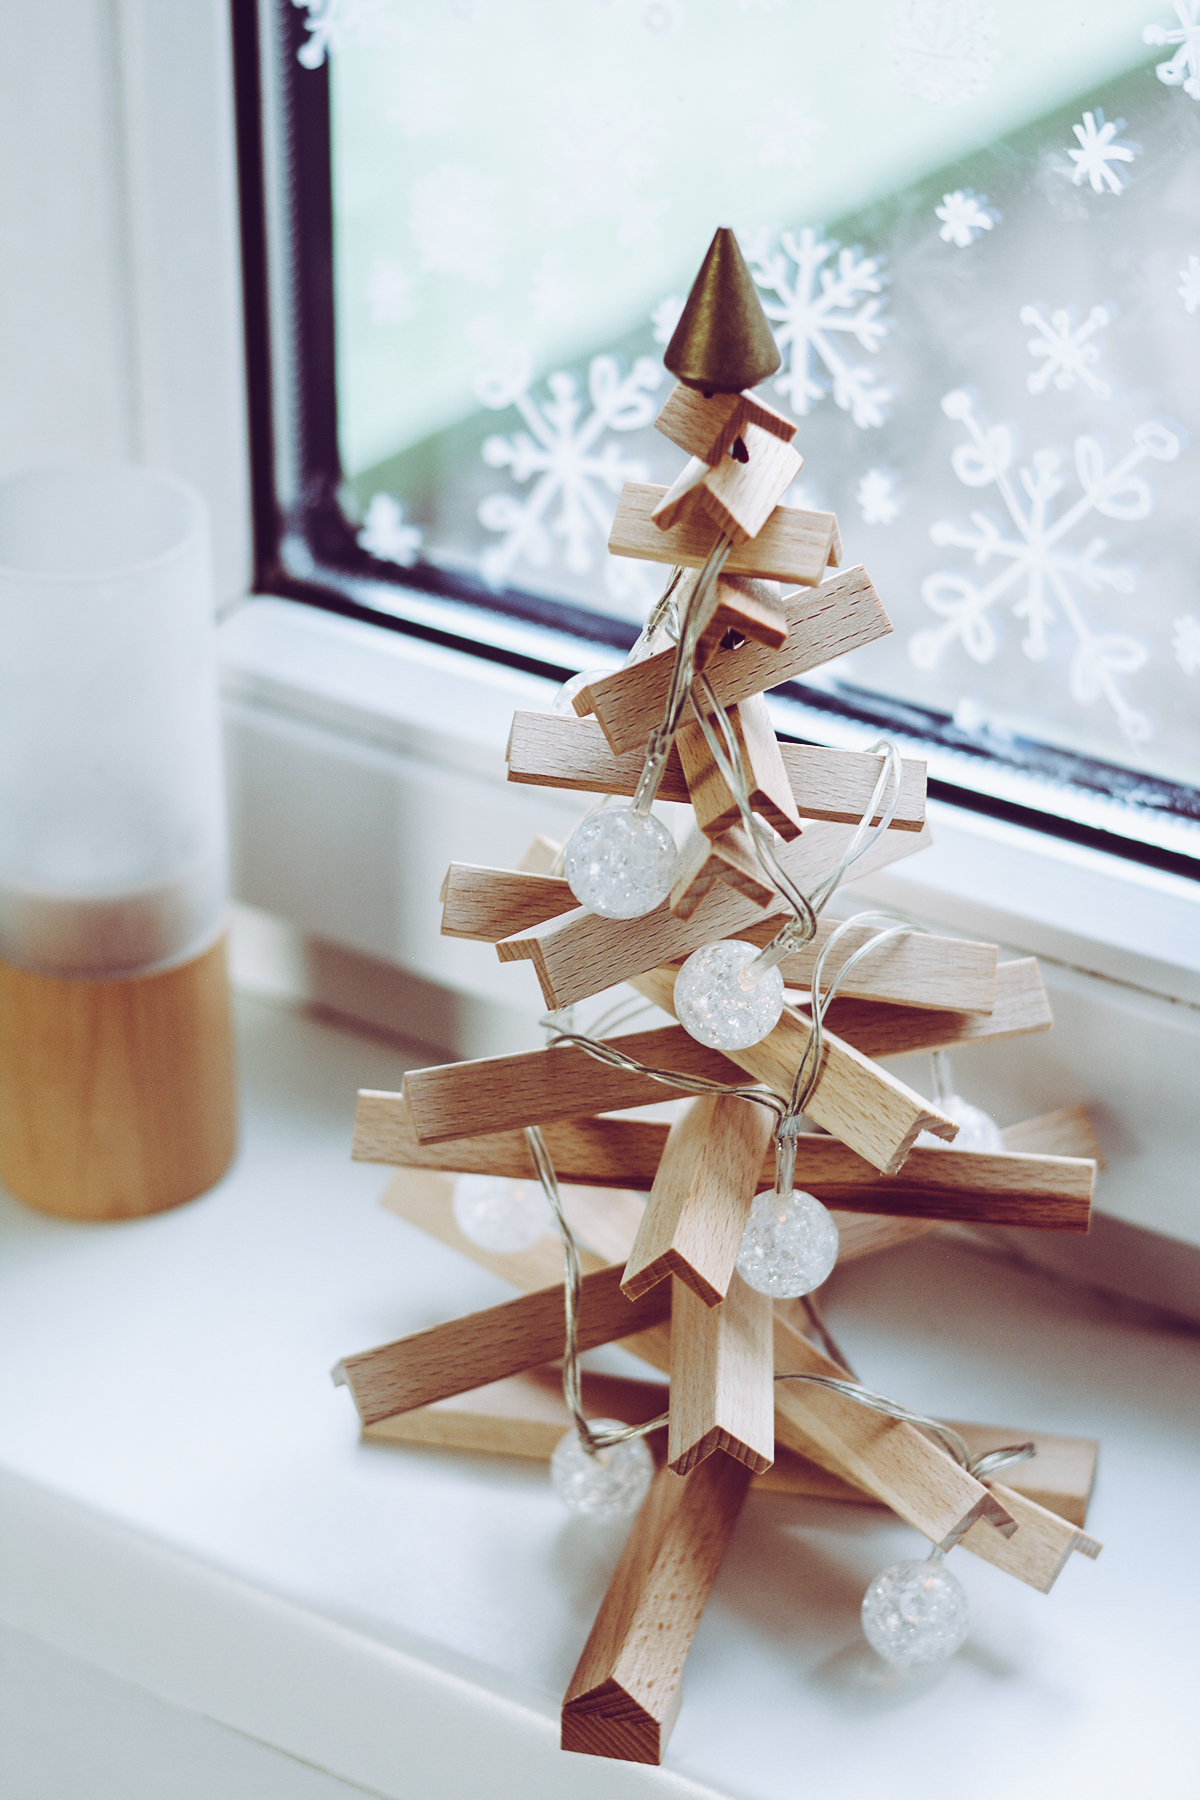 Nachhaltiger Baum aus Holz | Pixi mit Milch